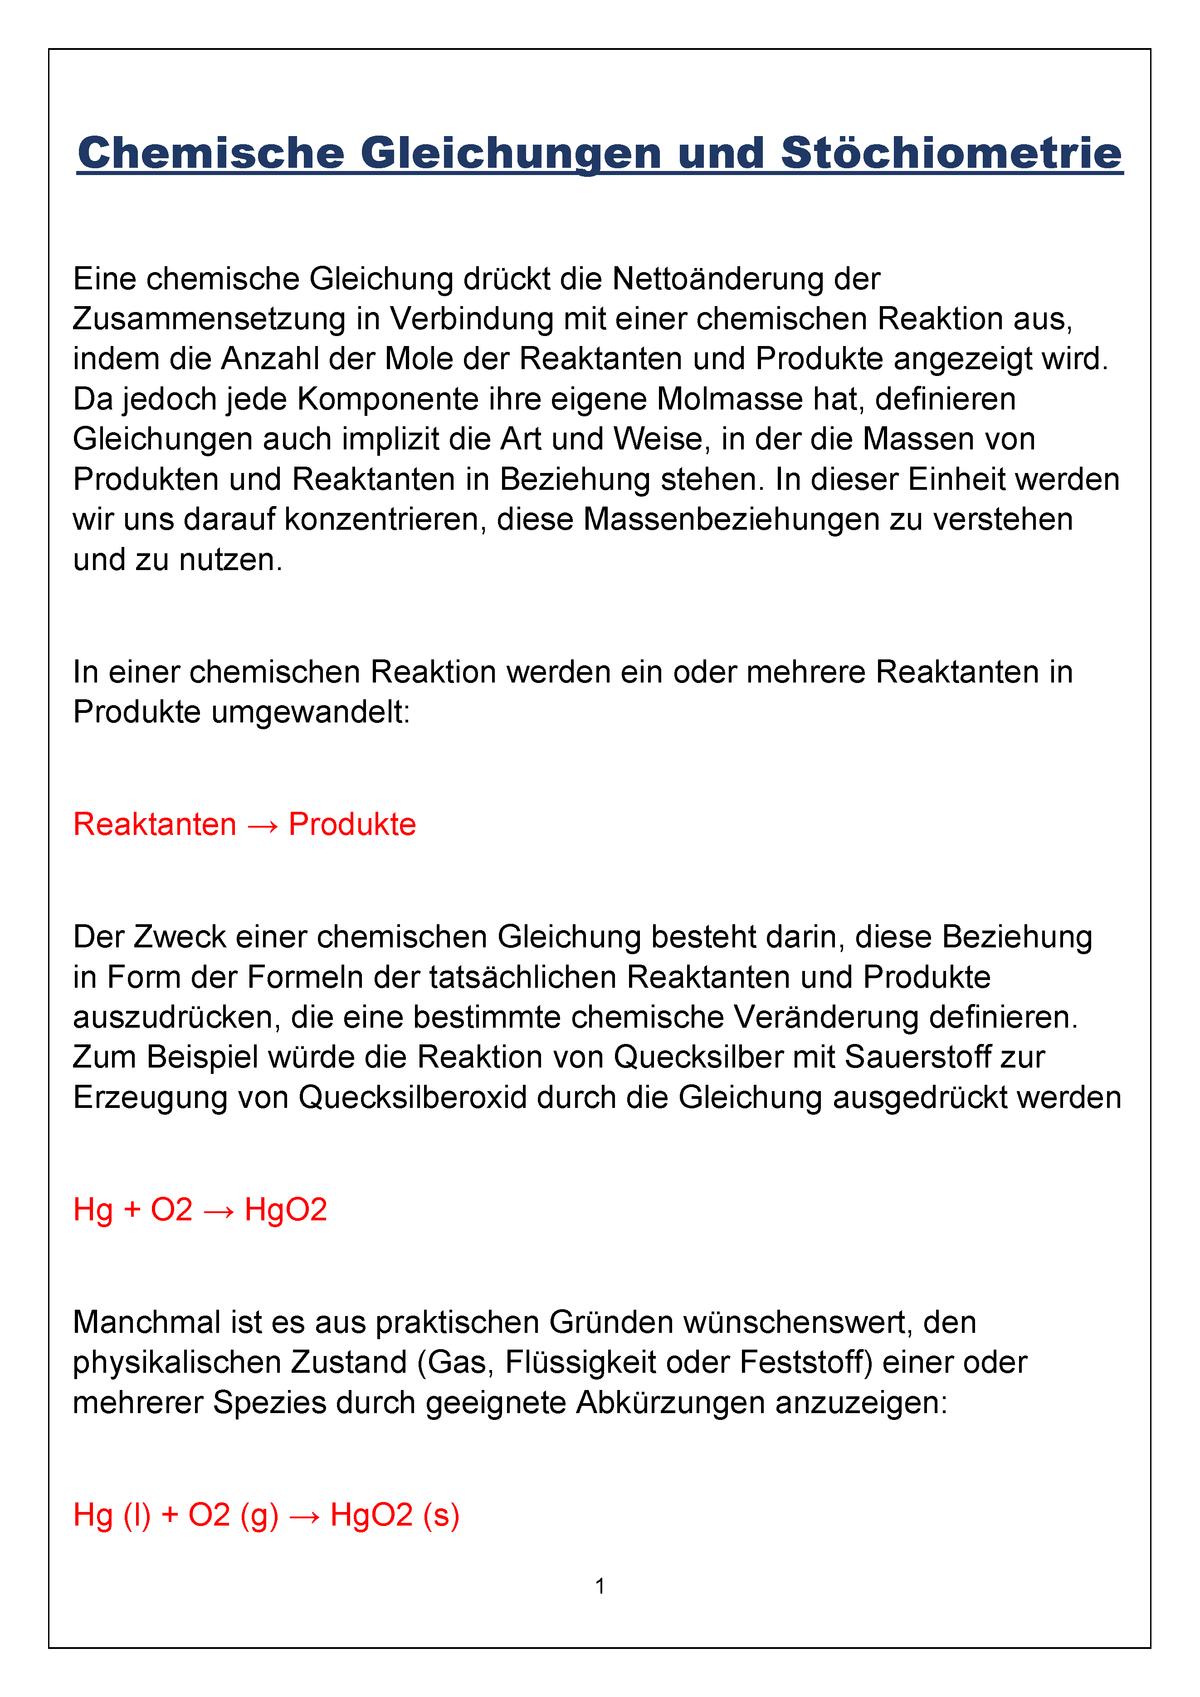 Chemische Gleichungen Und Stöchiometrie 02 03 1 Alc 1 Studocu